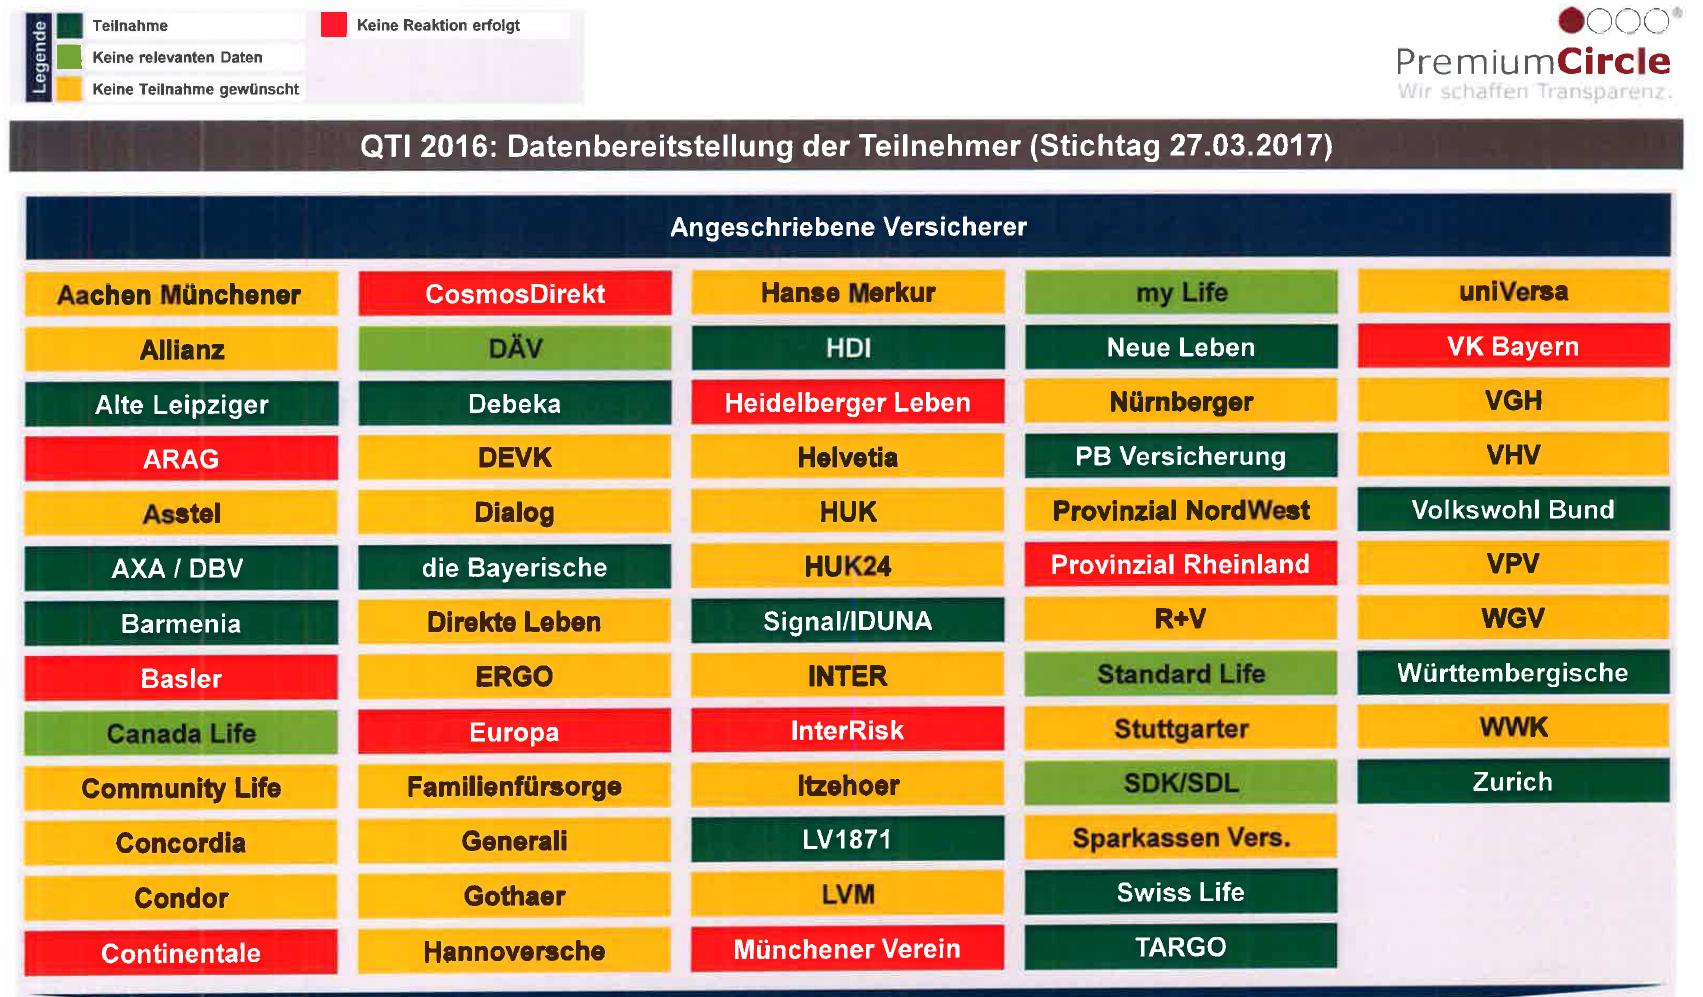 DFf Leistungsregulierung und Ratings